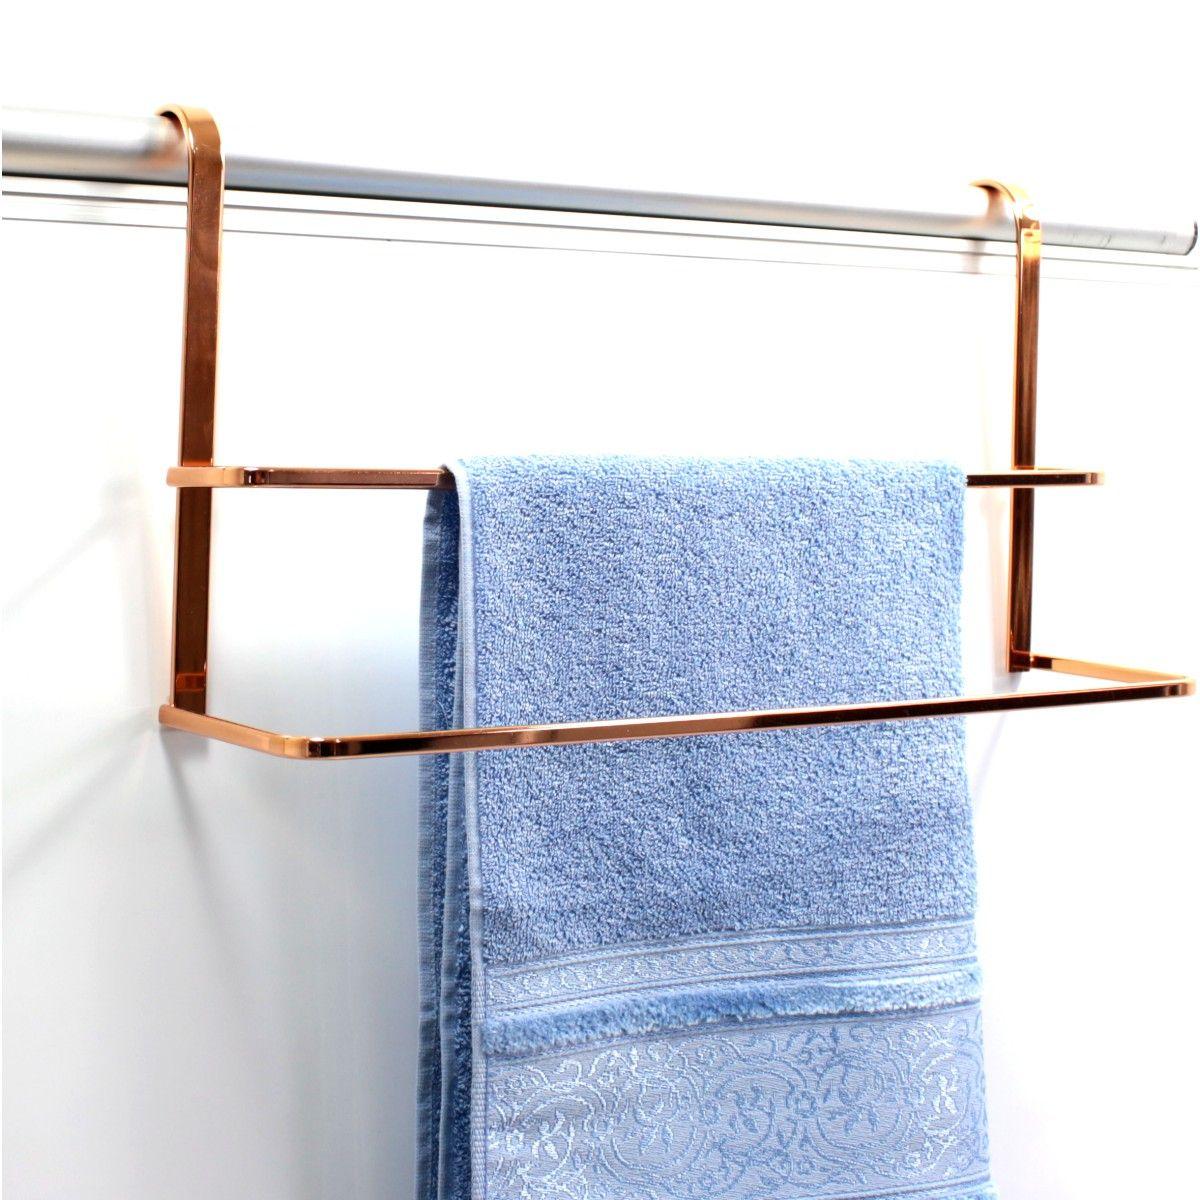 kit toalheiro de box duplo lixeira basculante Suporte papel